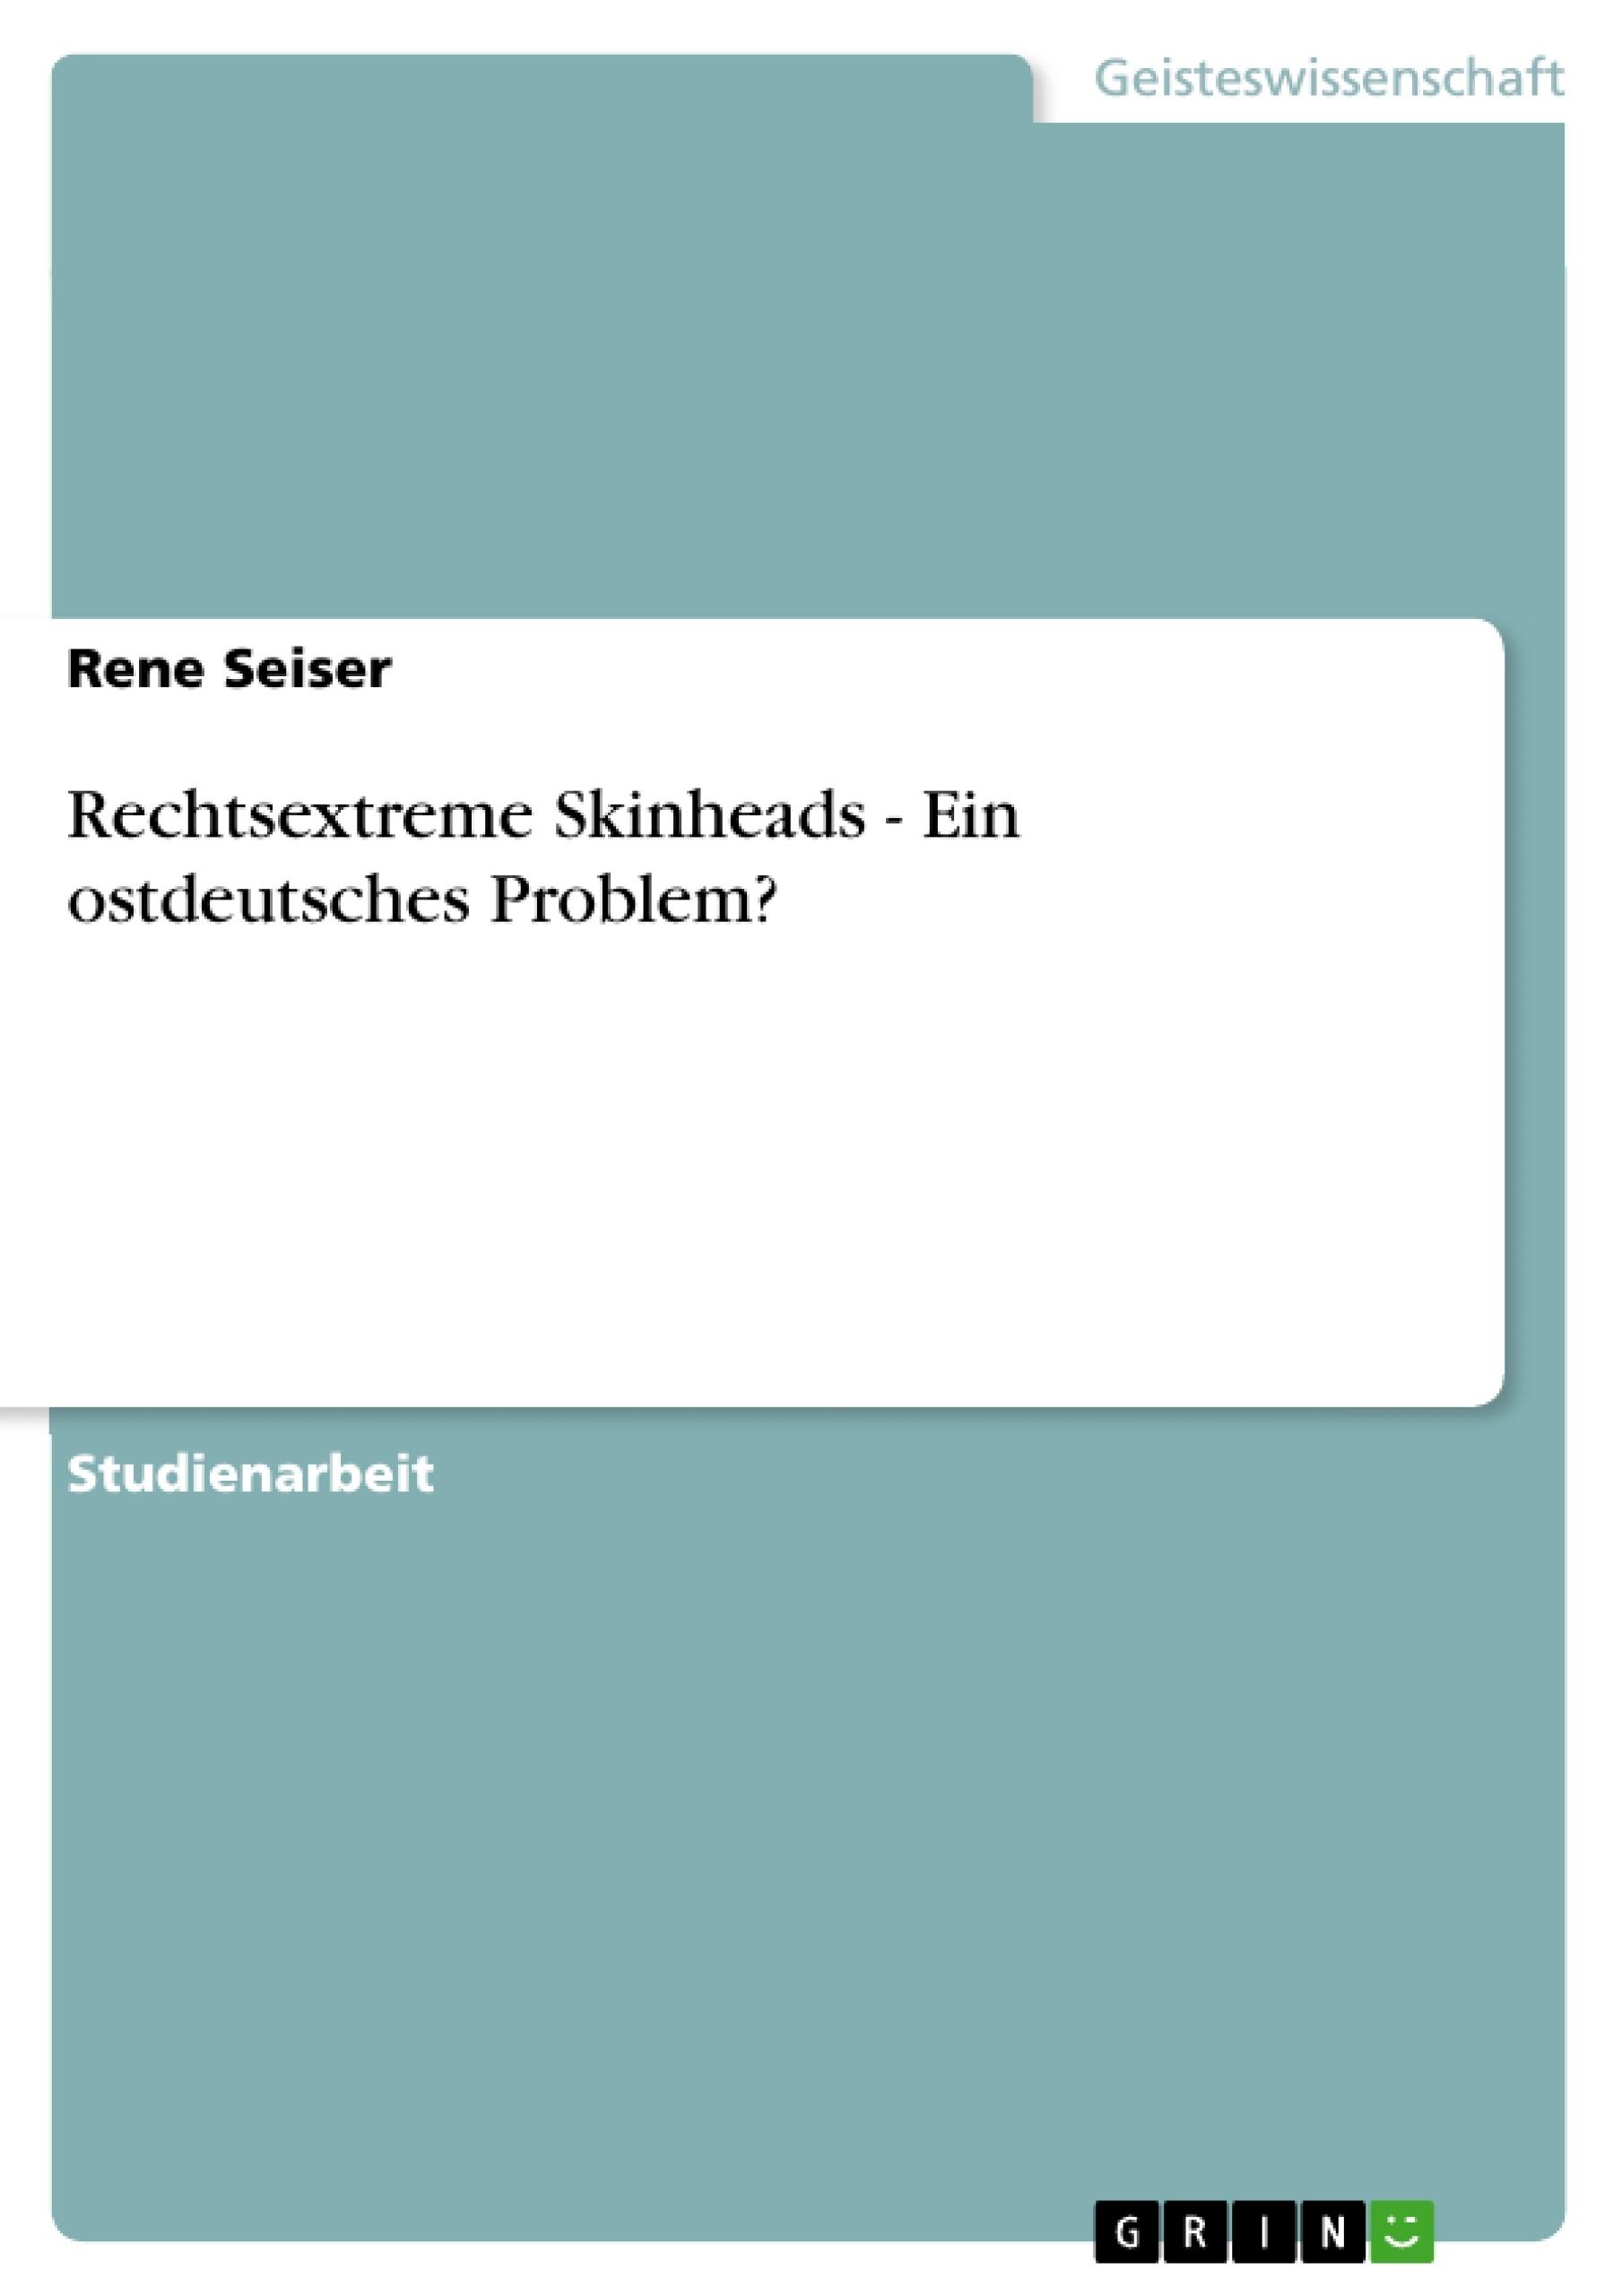 Titel: Rechtsextreme Skinheads - Ein ostdeutsches Problem?